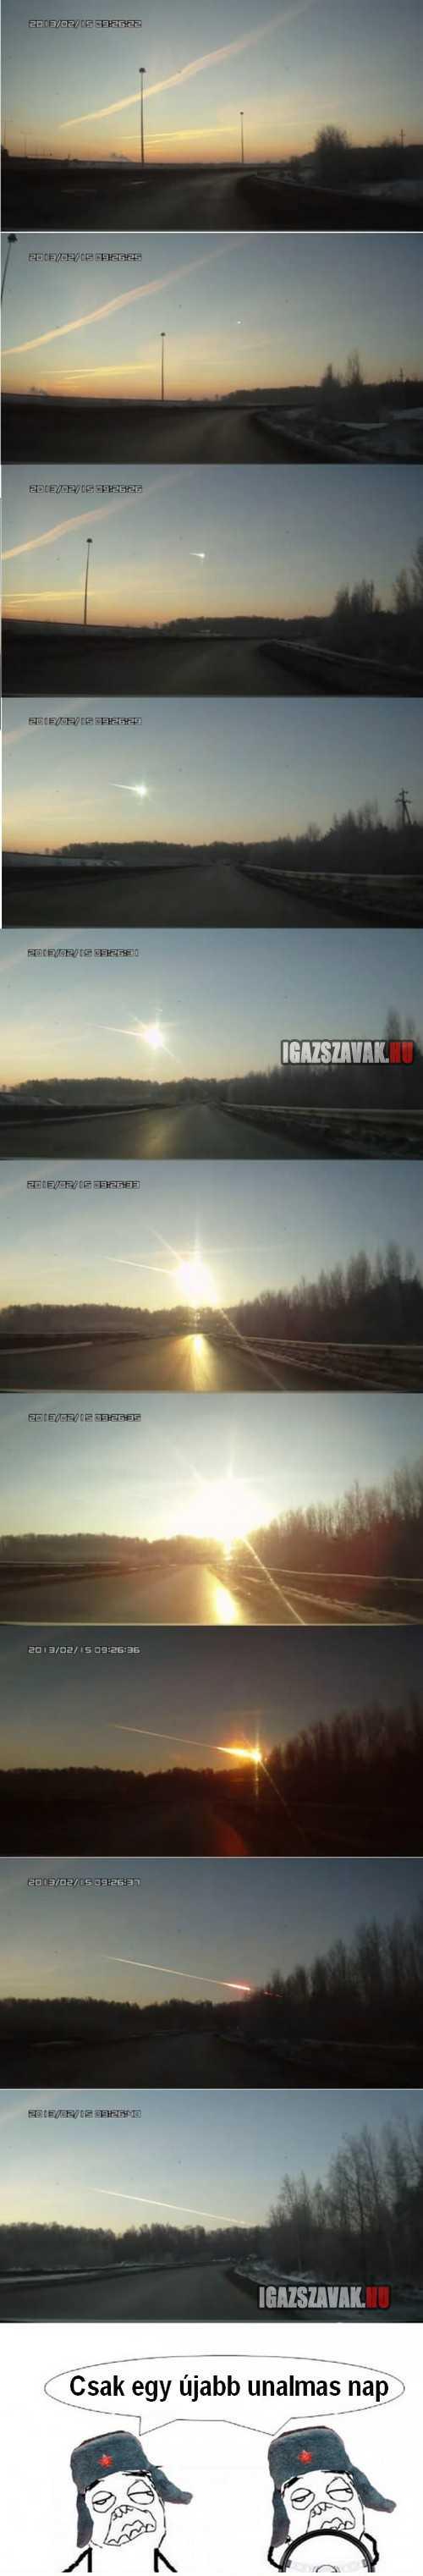 Oroszországban egy újab meteoritos nap